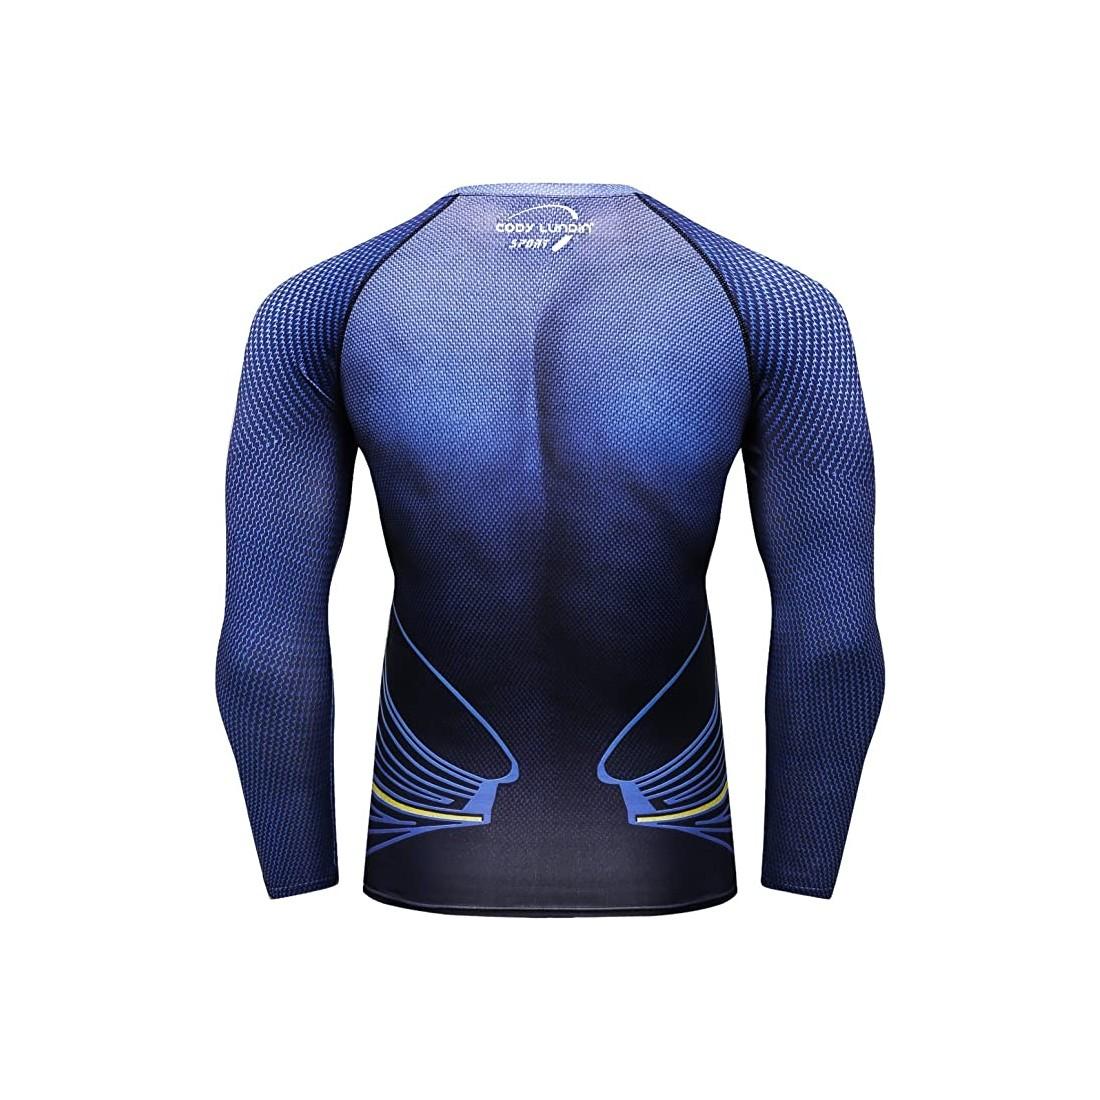 TSHLC6900-cody-lundin-t-shirt-homme-longue-lanitta-france-2.jpg